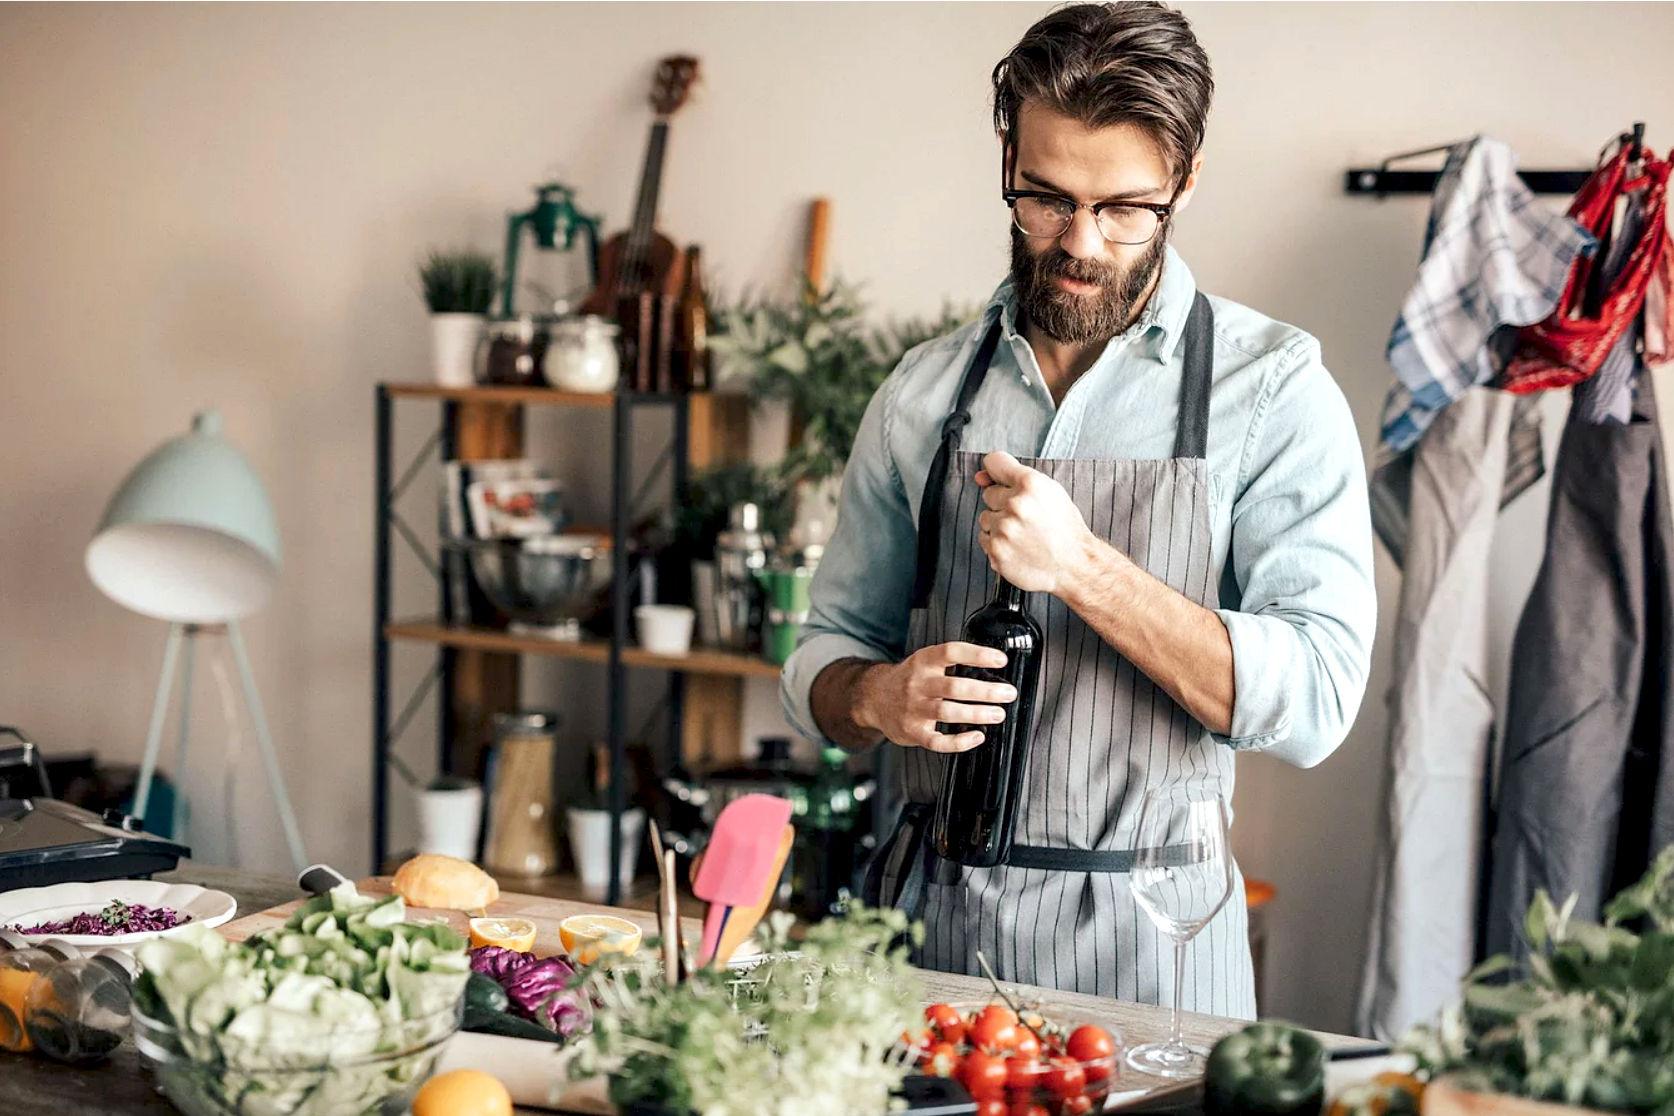 L\'uomo in cucina che sapore ha?